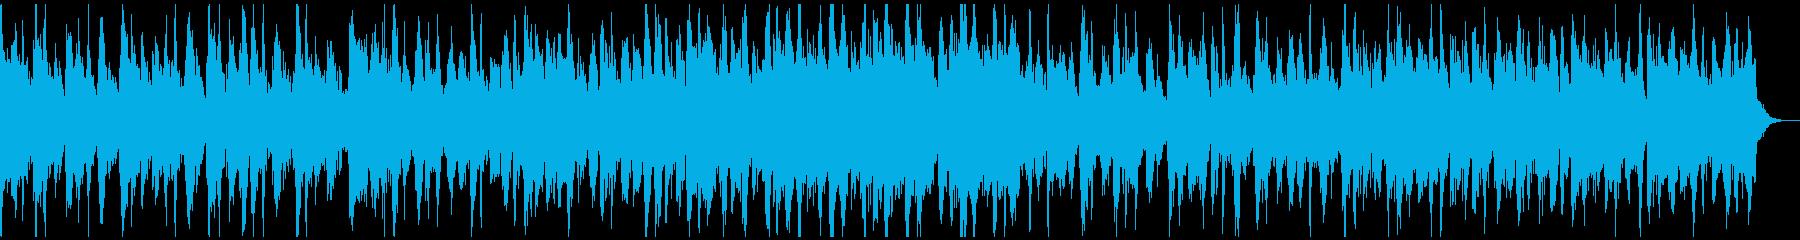 プラスの陽気なラテン 30秒タイプの再生済みの波形